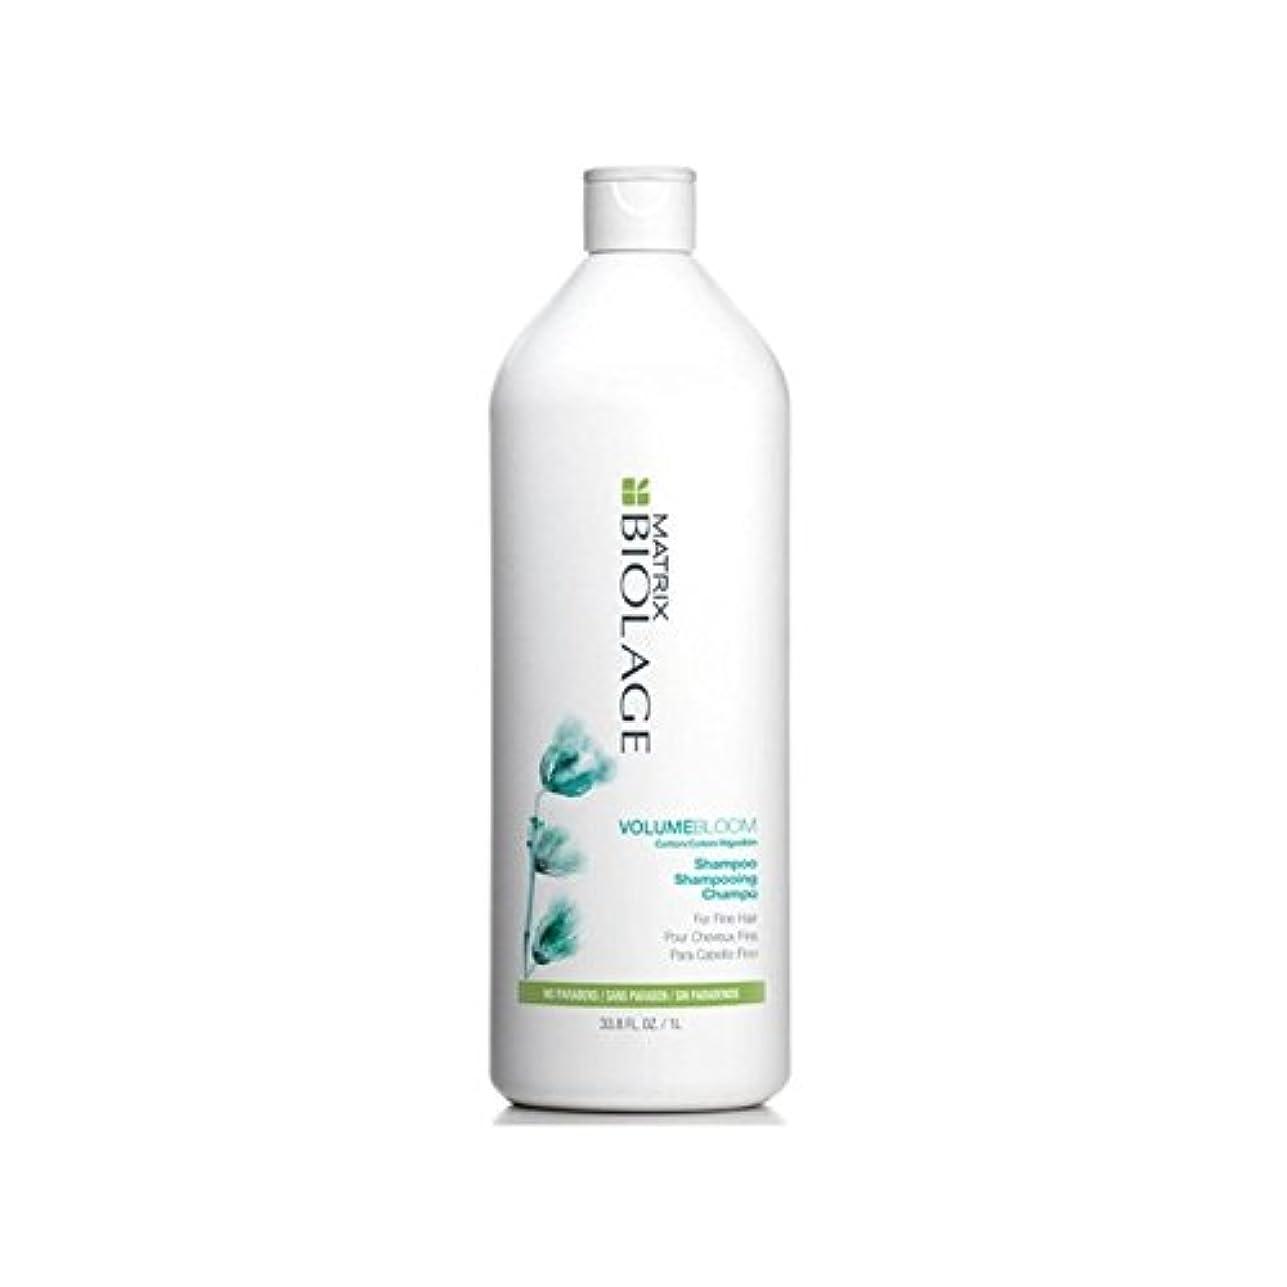 雹まばたきキャラバンポンプを有するマトリックスシャンプー(千ミリリットル) x2 - Matrix Volumebloom Shampoo (1000ml) With Pump (Pack of 2) [並行輸入品]